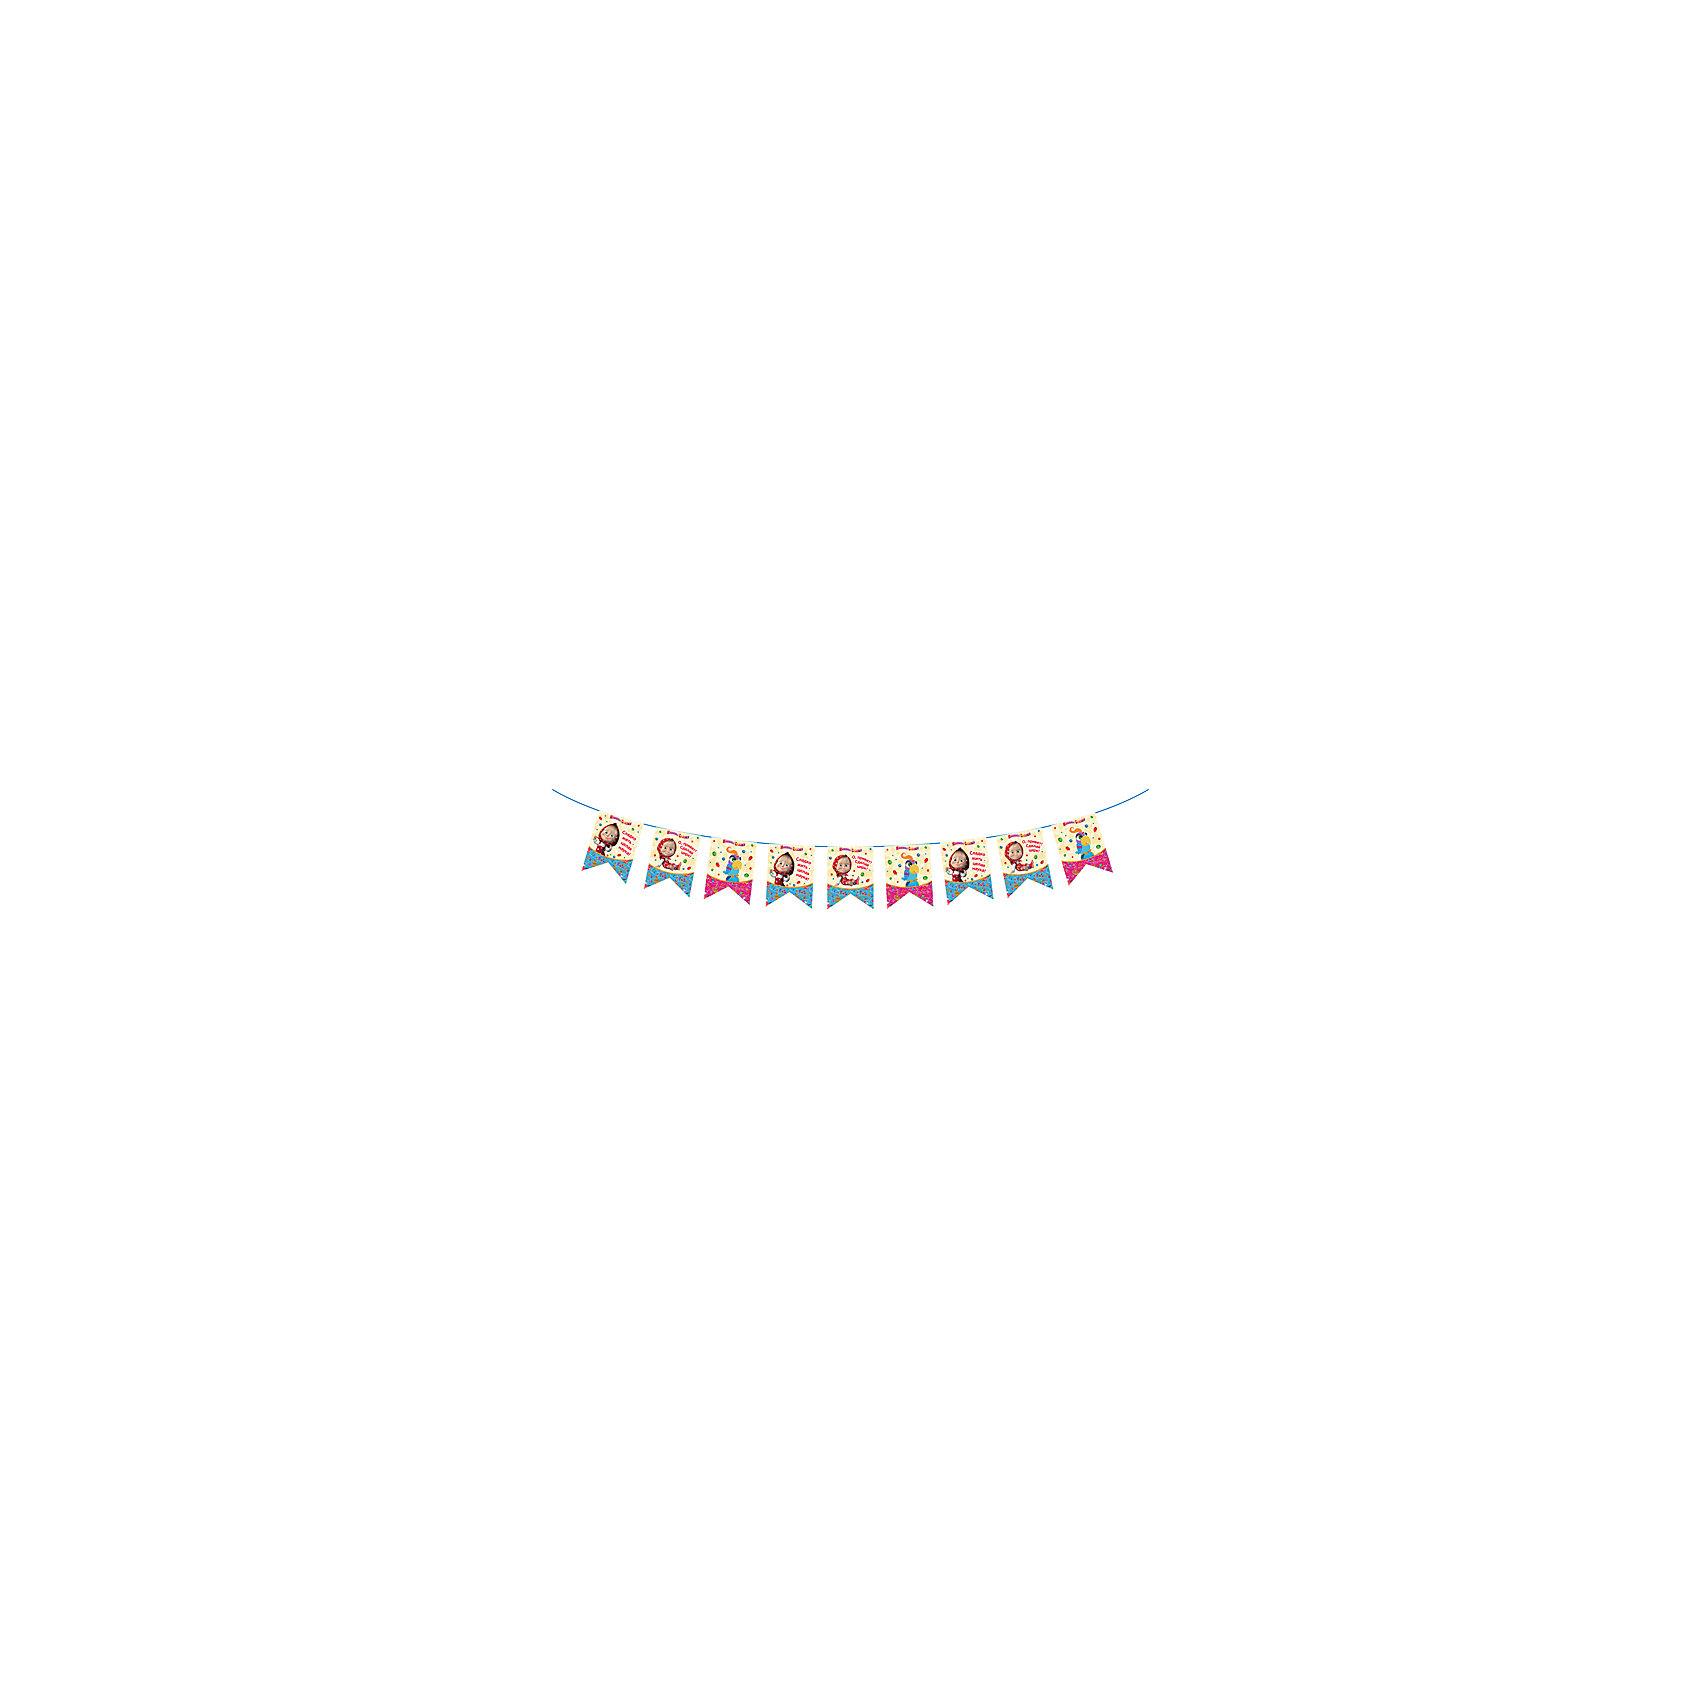 Росмэн Гирлянда-флажки Машины сказки 3,2 м стерлитамак магазин швейные машины купить